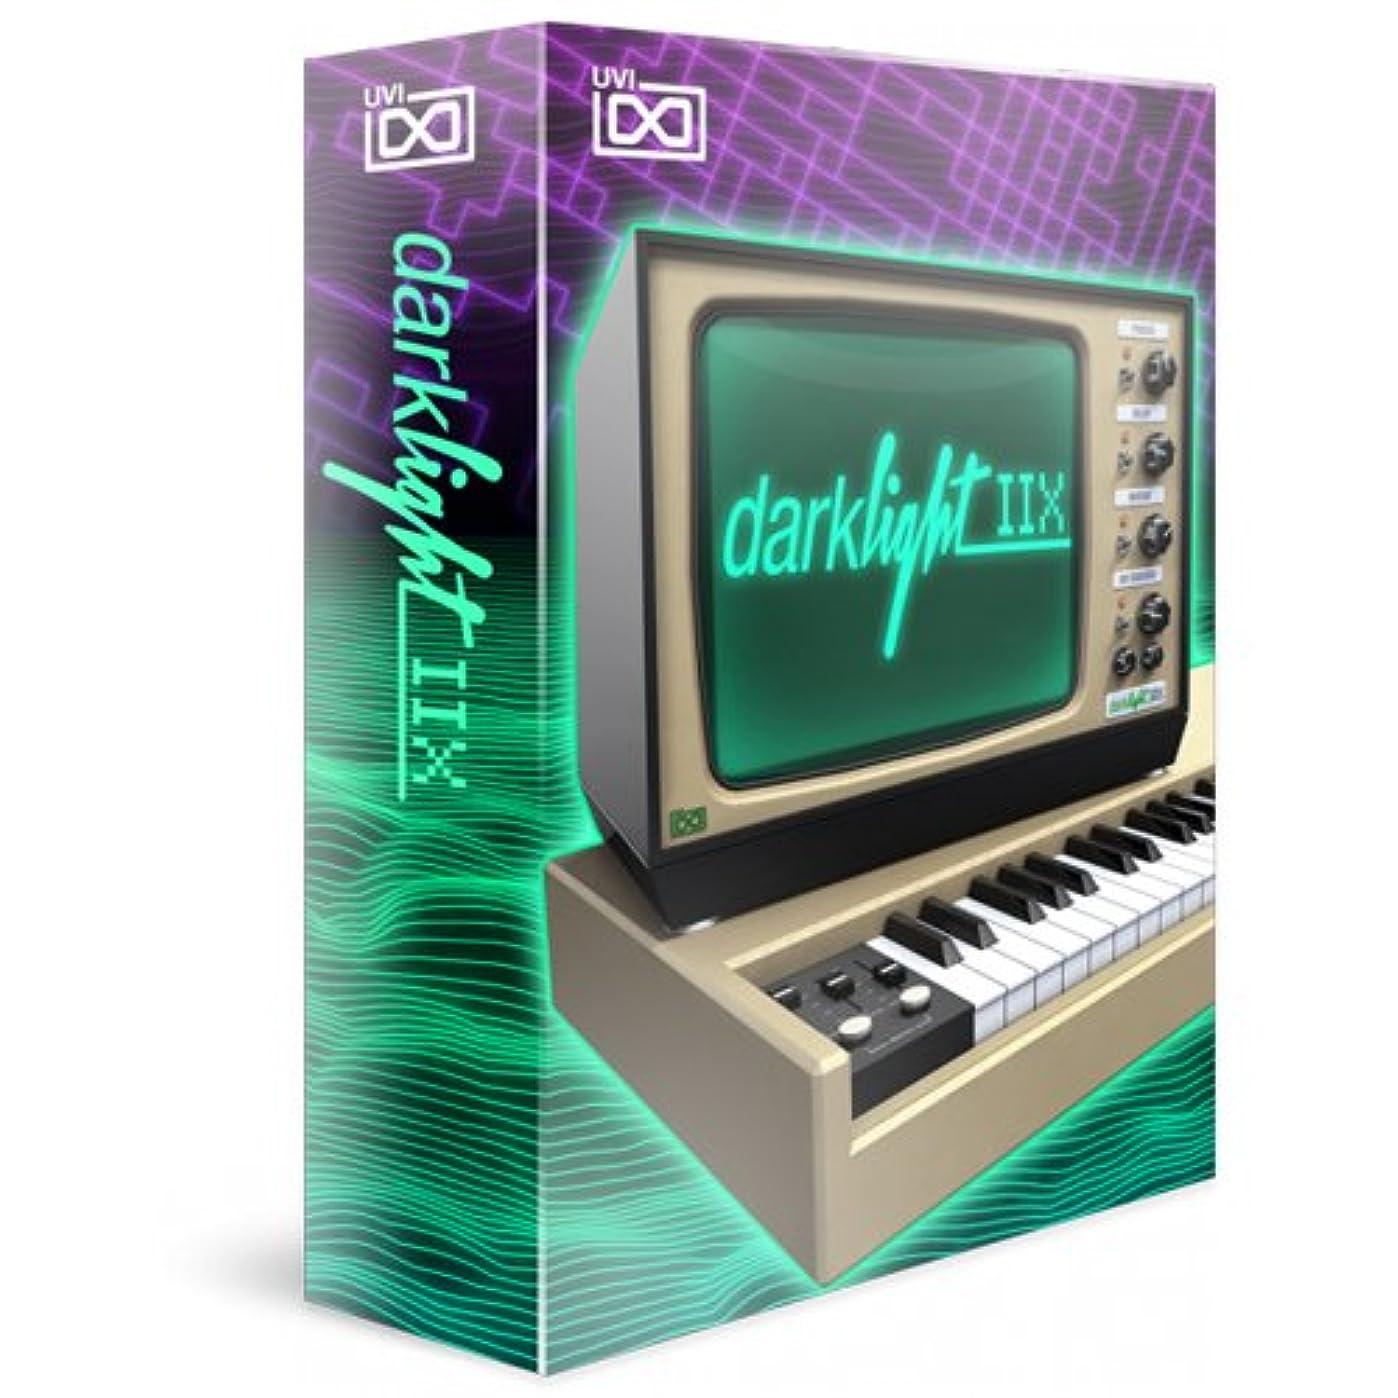 熟達最小化するロック解除UVI ソフトウェア音源 Darklight IIX